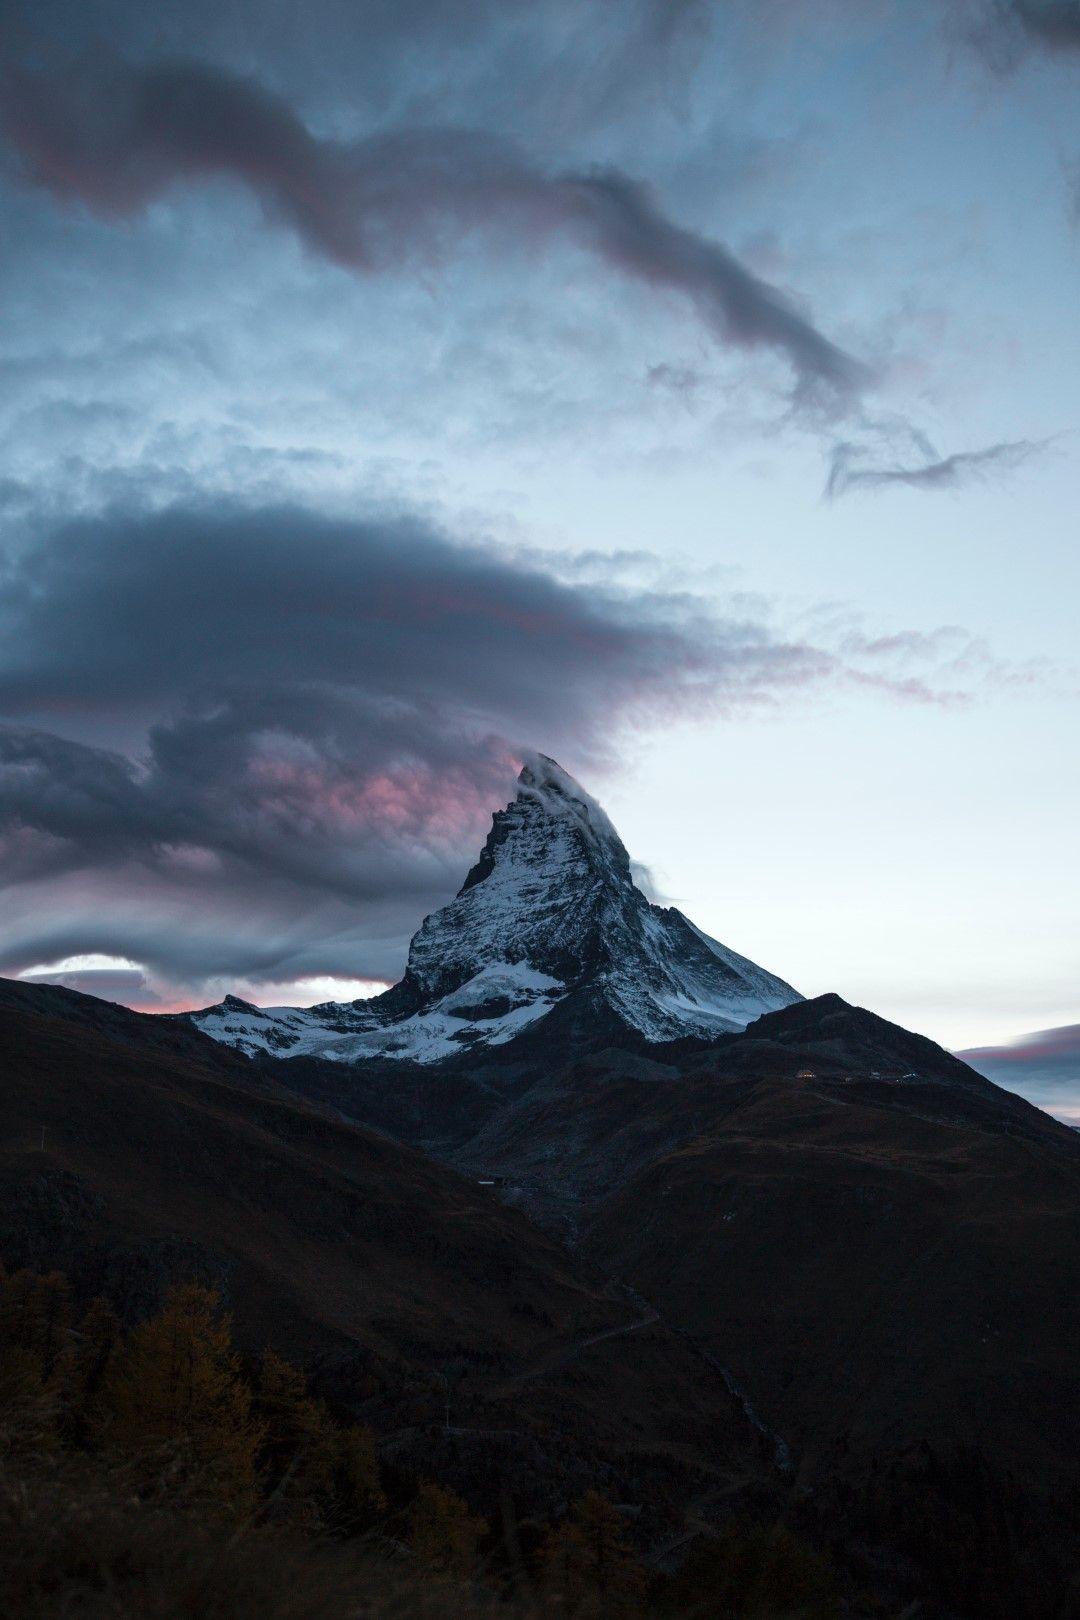 Матерхорн - гледка от Цермат в Швейцария - един от популярните зимни курорти в страната. Контрастът между уредената безопасност на ски курорта и суровата природа на върха ни напомня колко сме крехки.